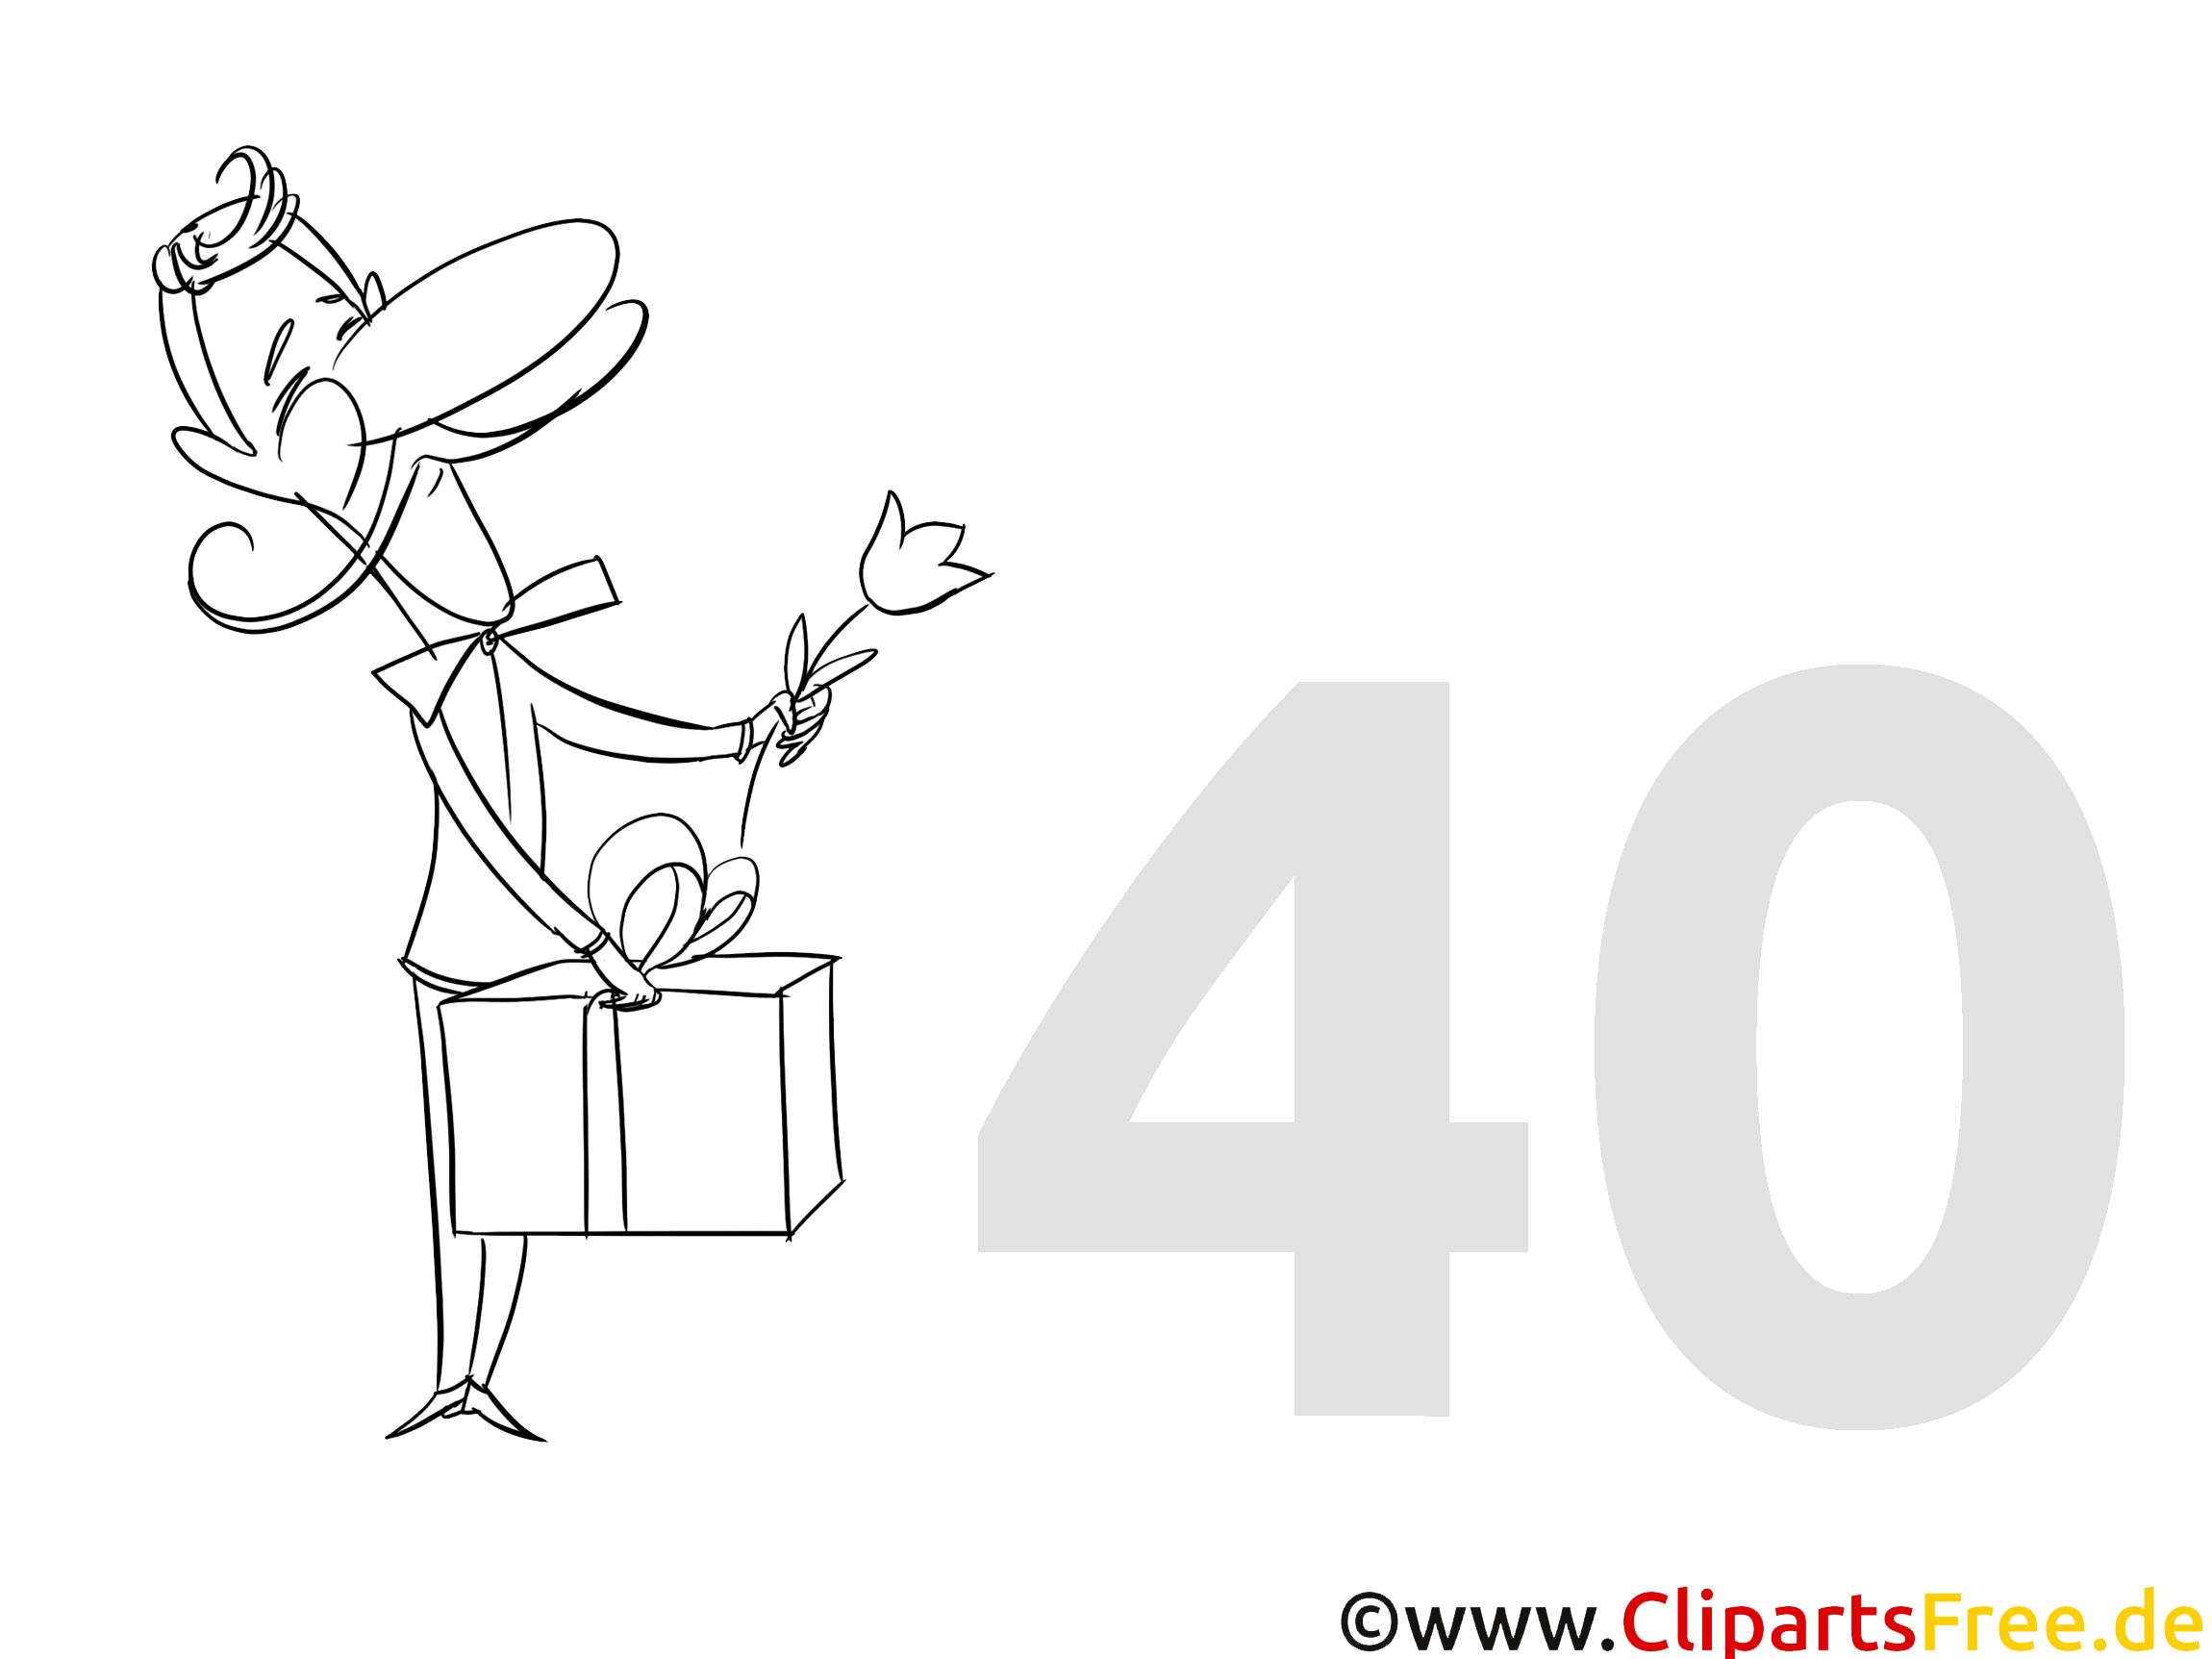 Einladung 40 Geburtstag Selbst Gestalten: Einladung Zum 40. Geburtstag Selbst Gestalten